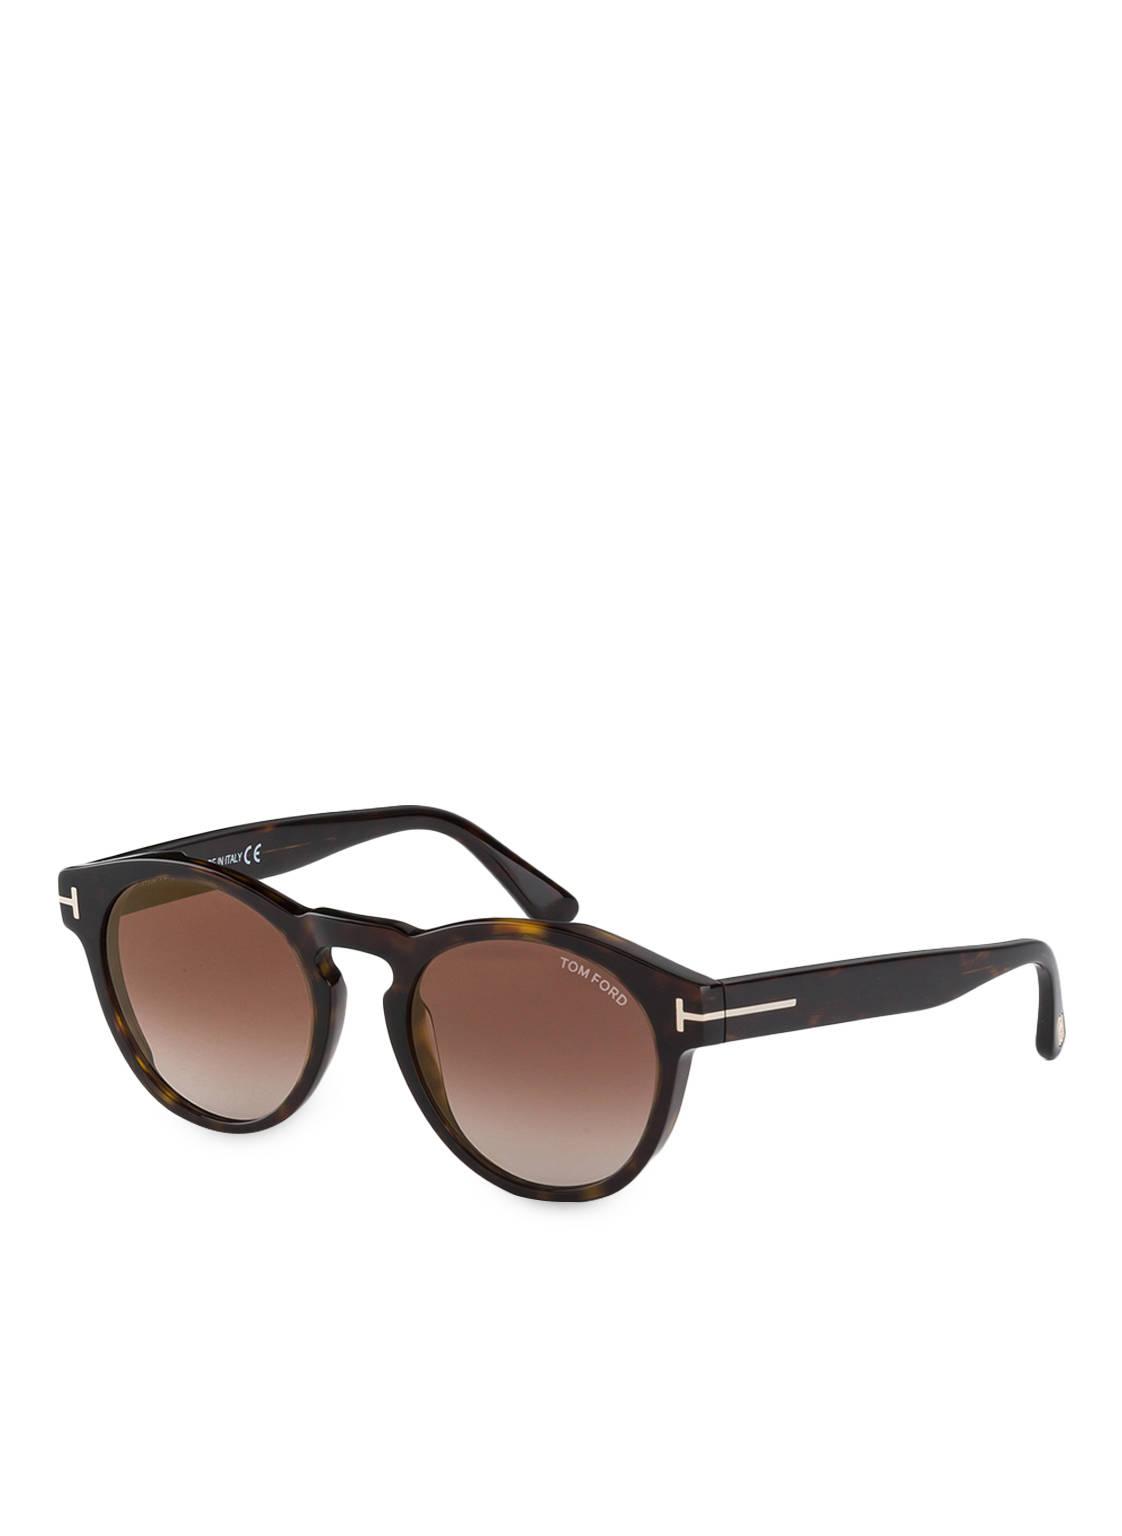 Sonnenbrille MARGAUX-02 von TOM FORD bei Breuninger kaufen